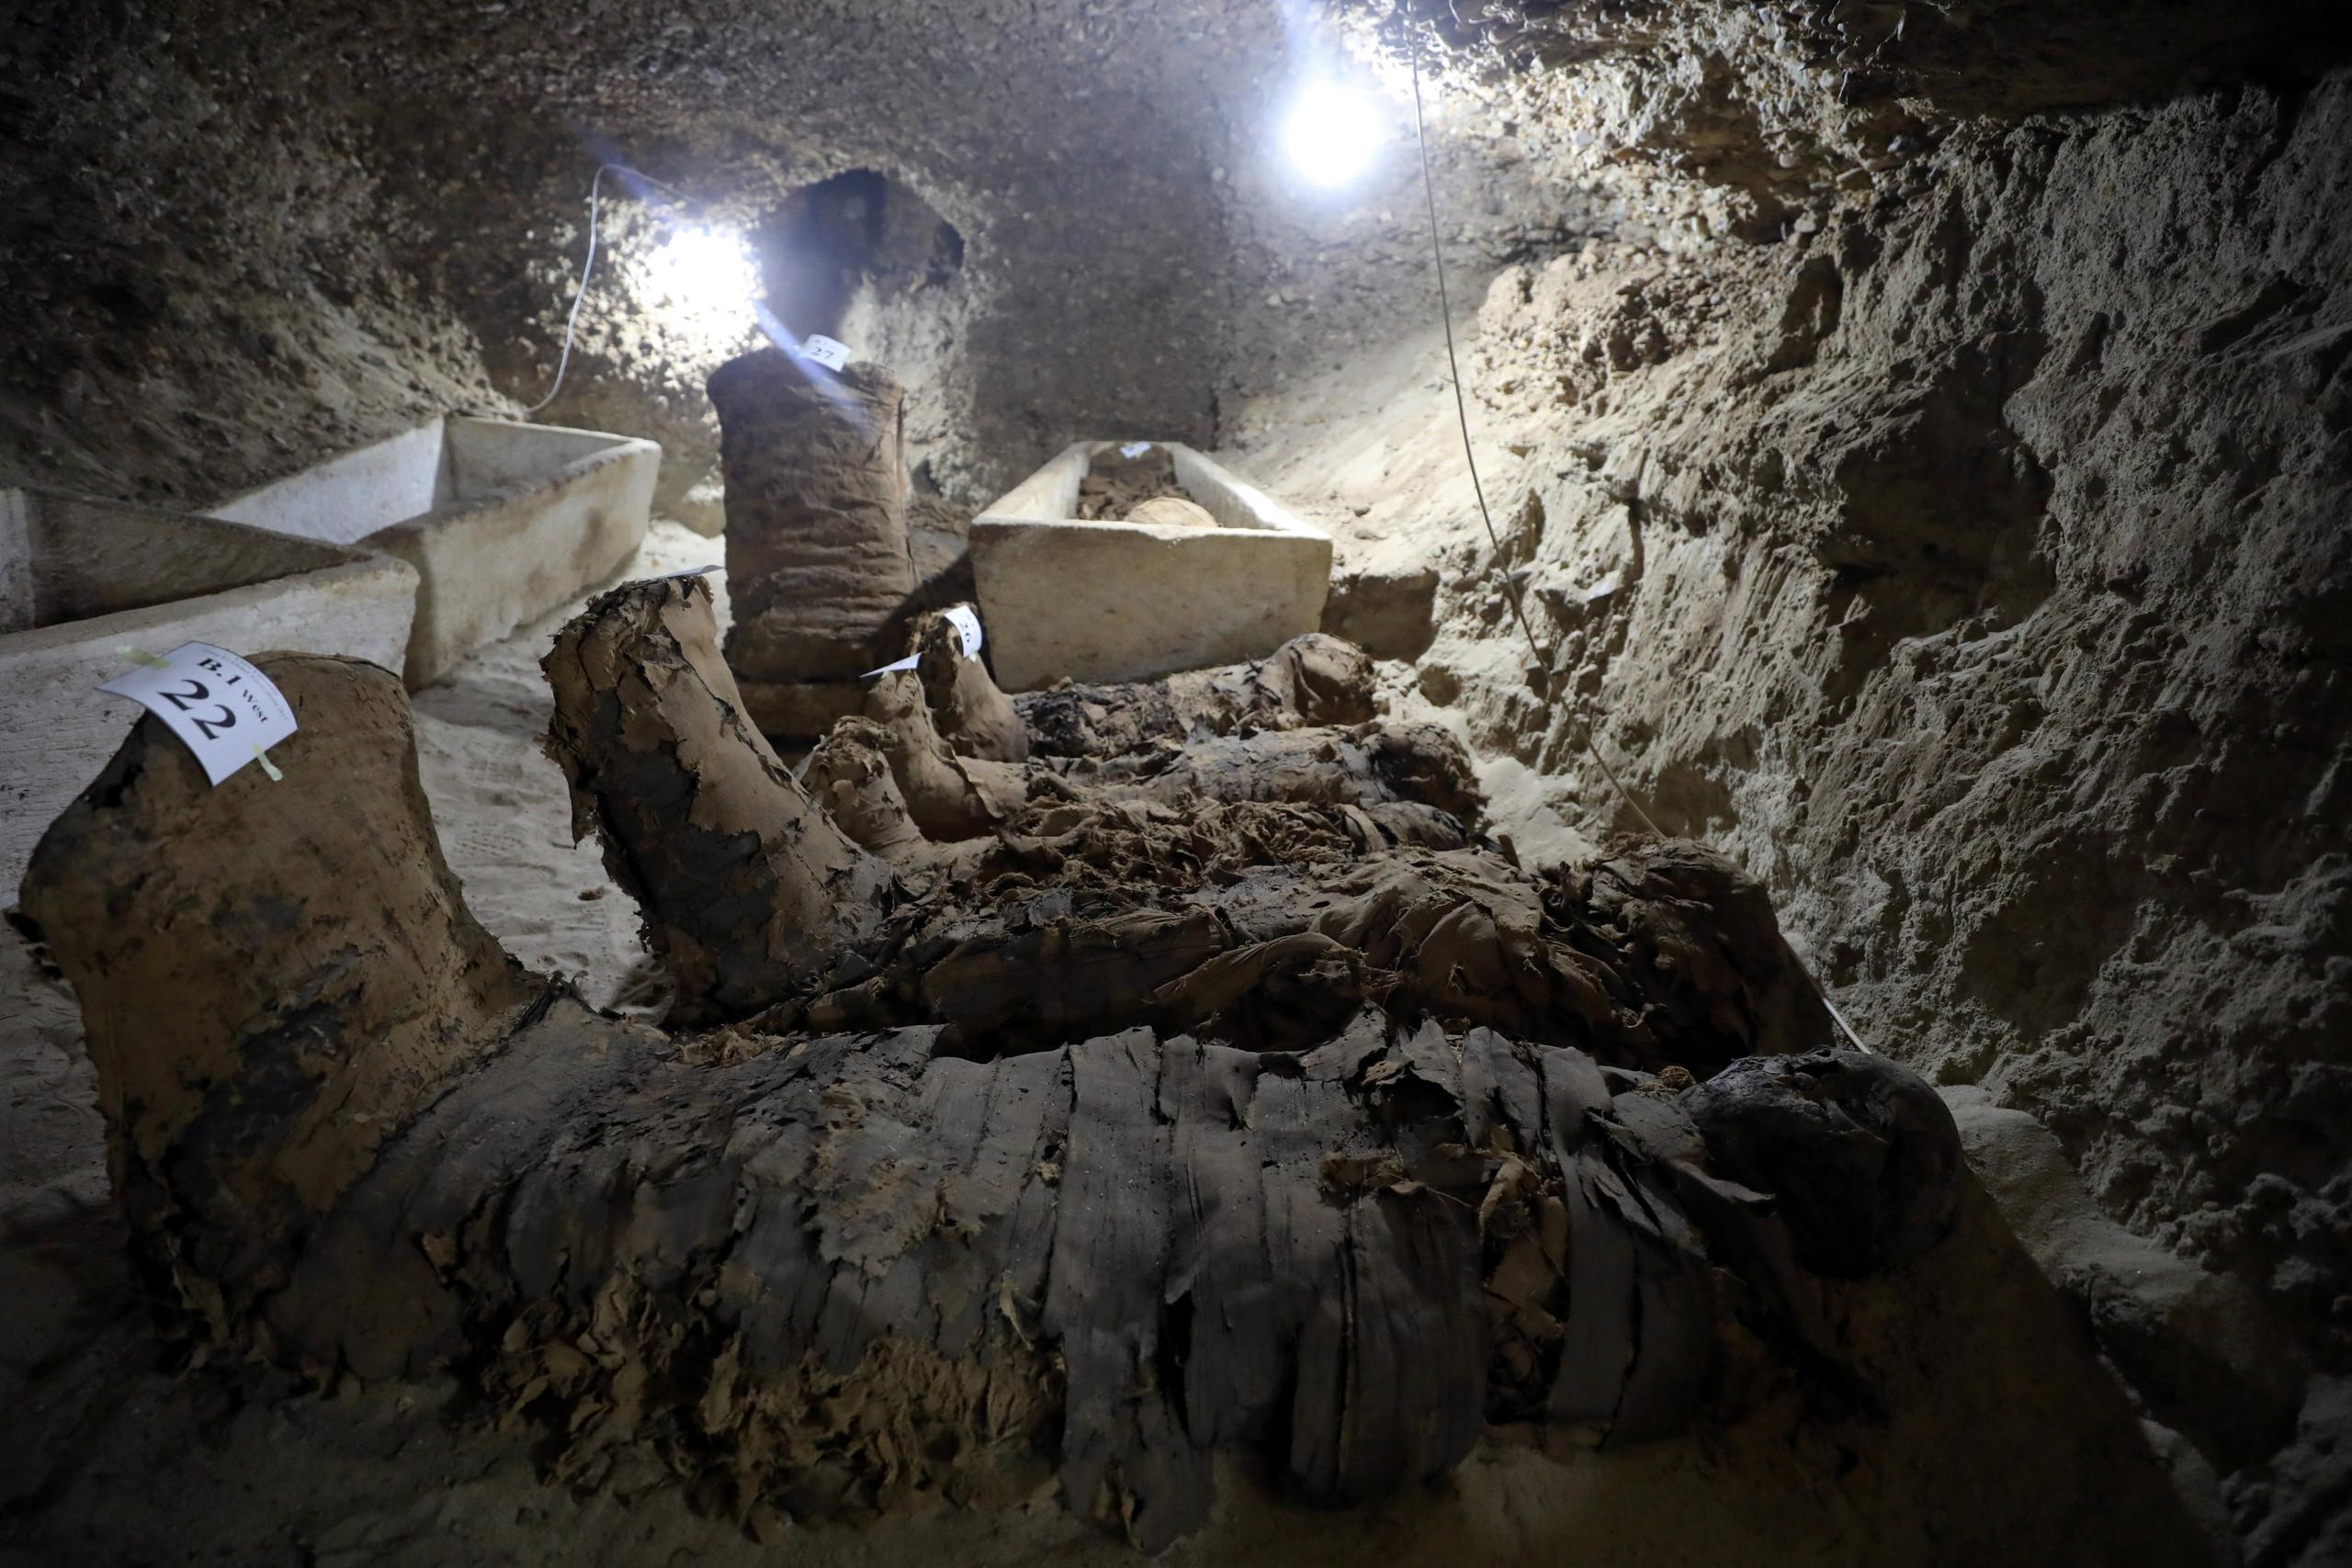 الآثار المصرية تعلن كشف أثري جديد بمنطقة دهشور بمحافظة الجيزة